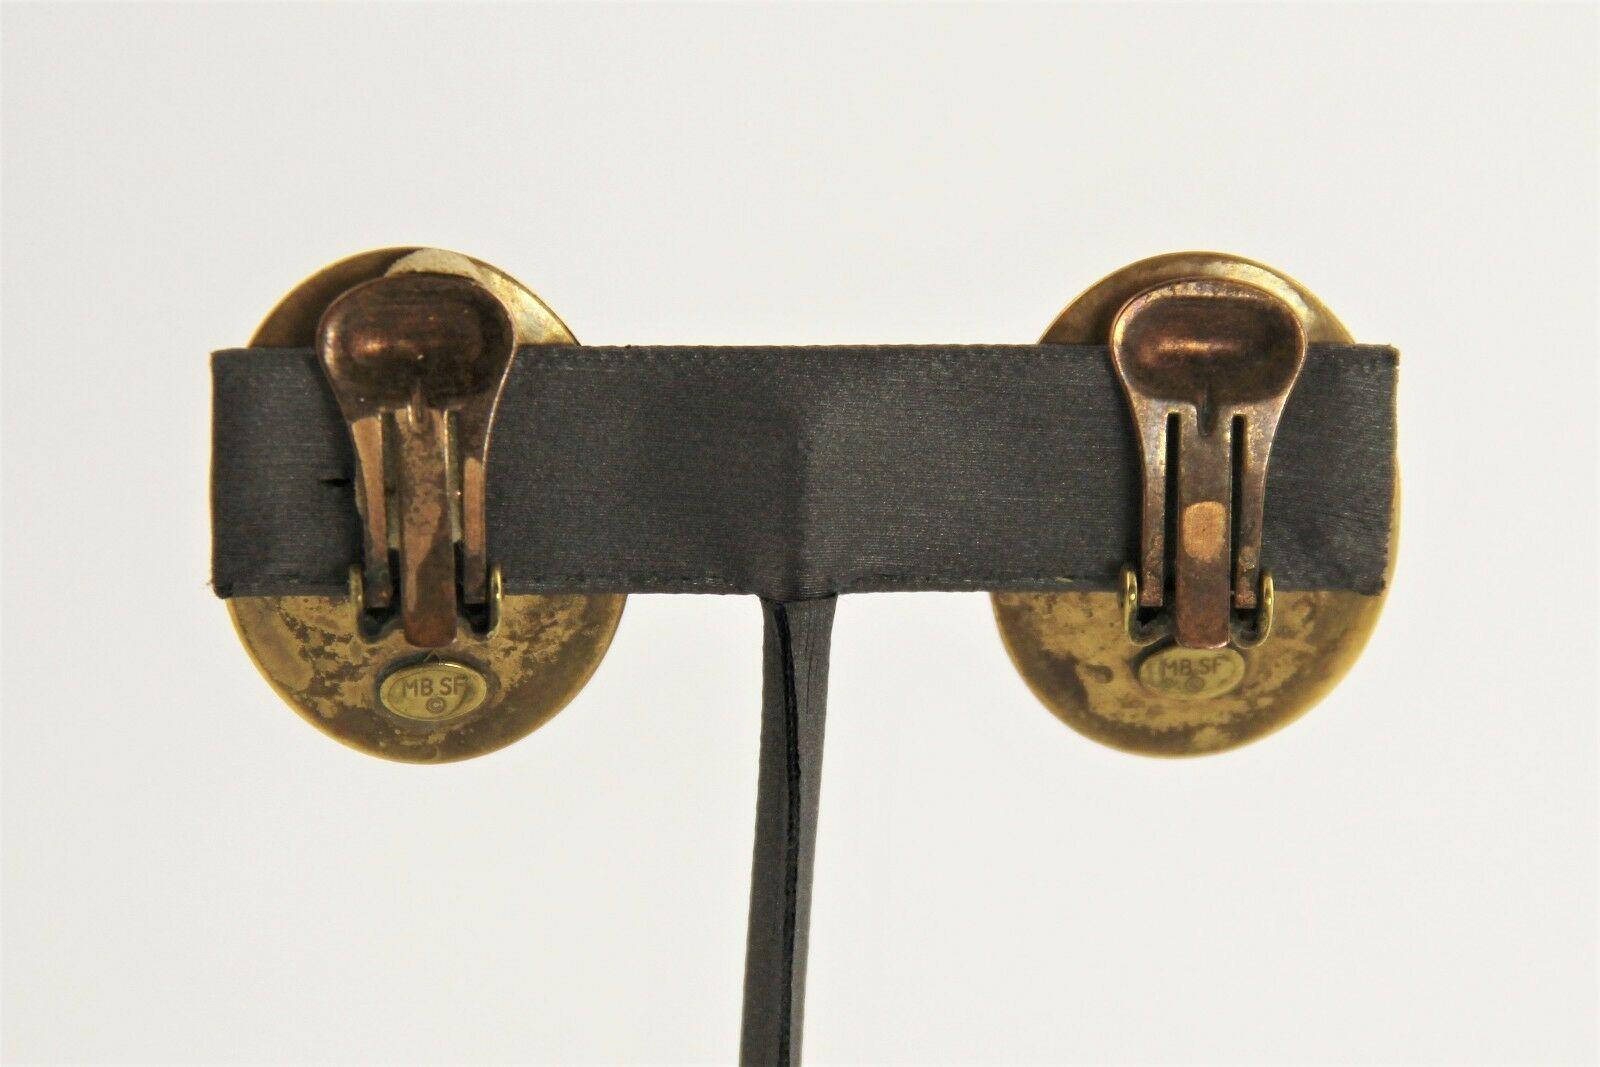 VINTAGE Jewelry MBSF MARJORIE BAER SAN FRANCISCO BRASS MODERNIST CLIP EARRINGS